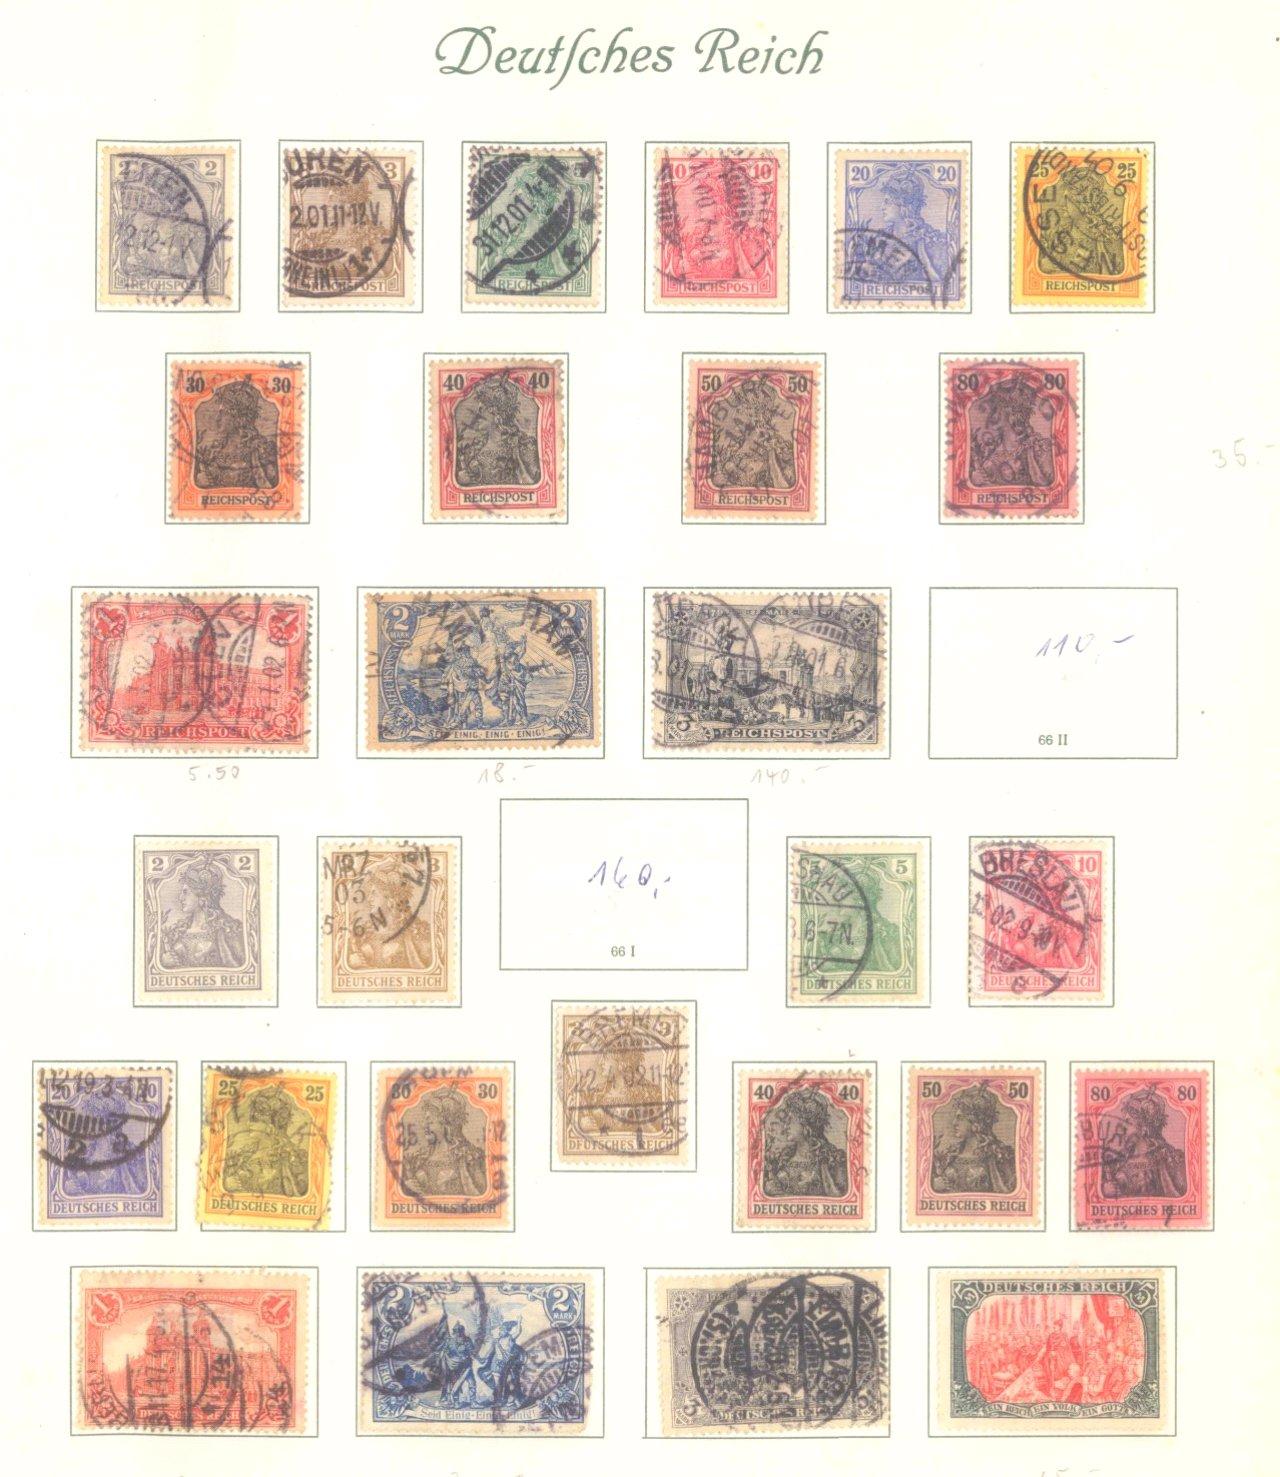 DEUTSCHES REICH – KAISERREICH 1872-1915, 24! Brustschilde!-2